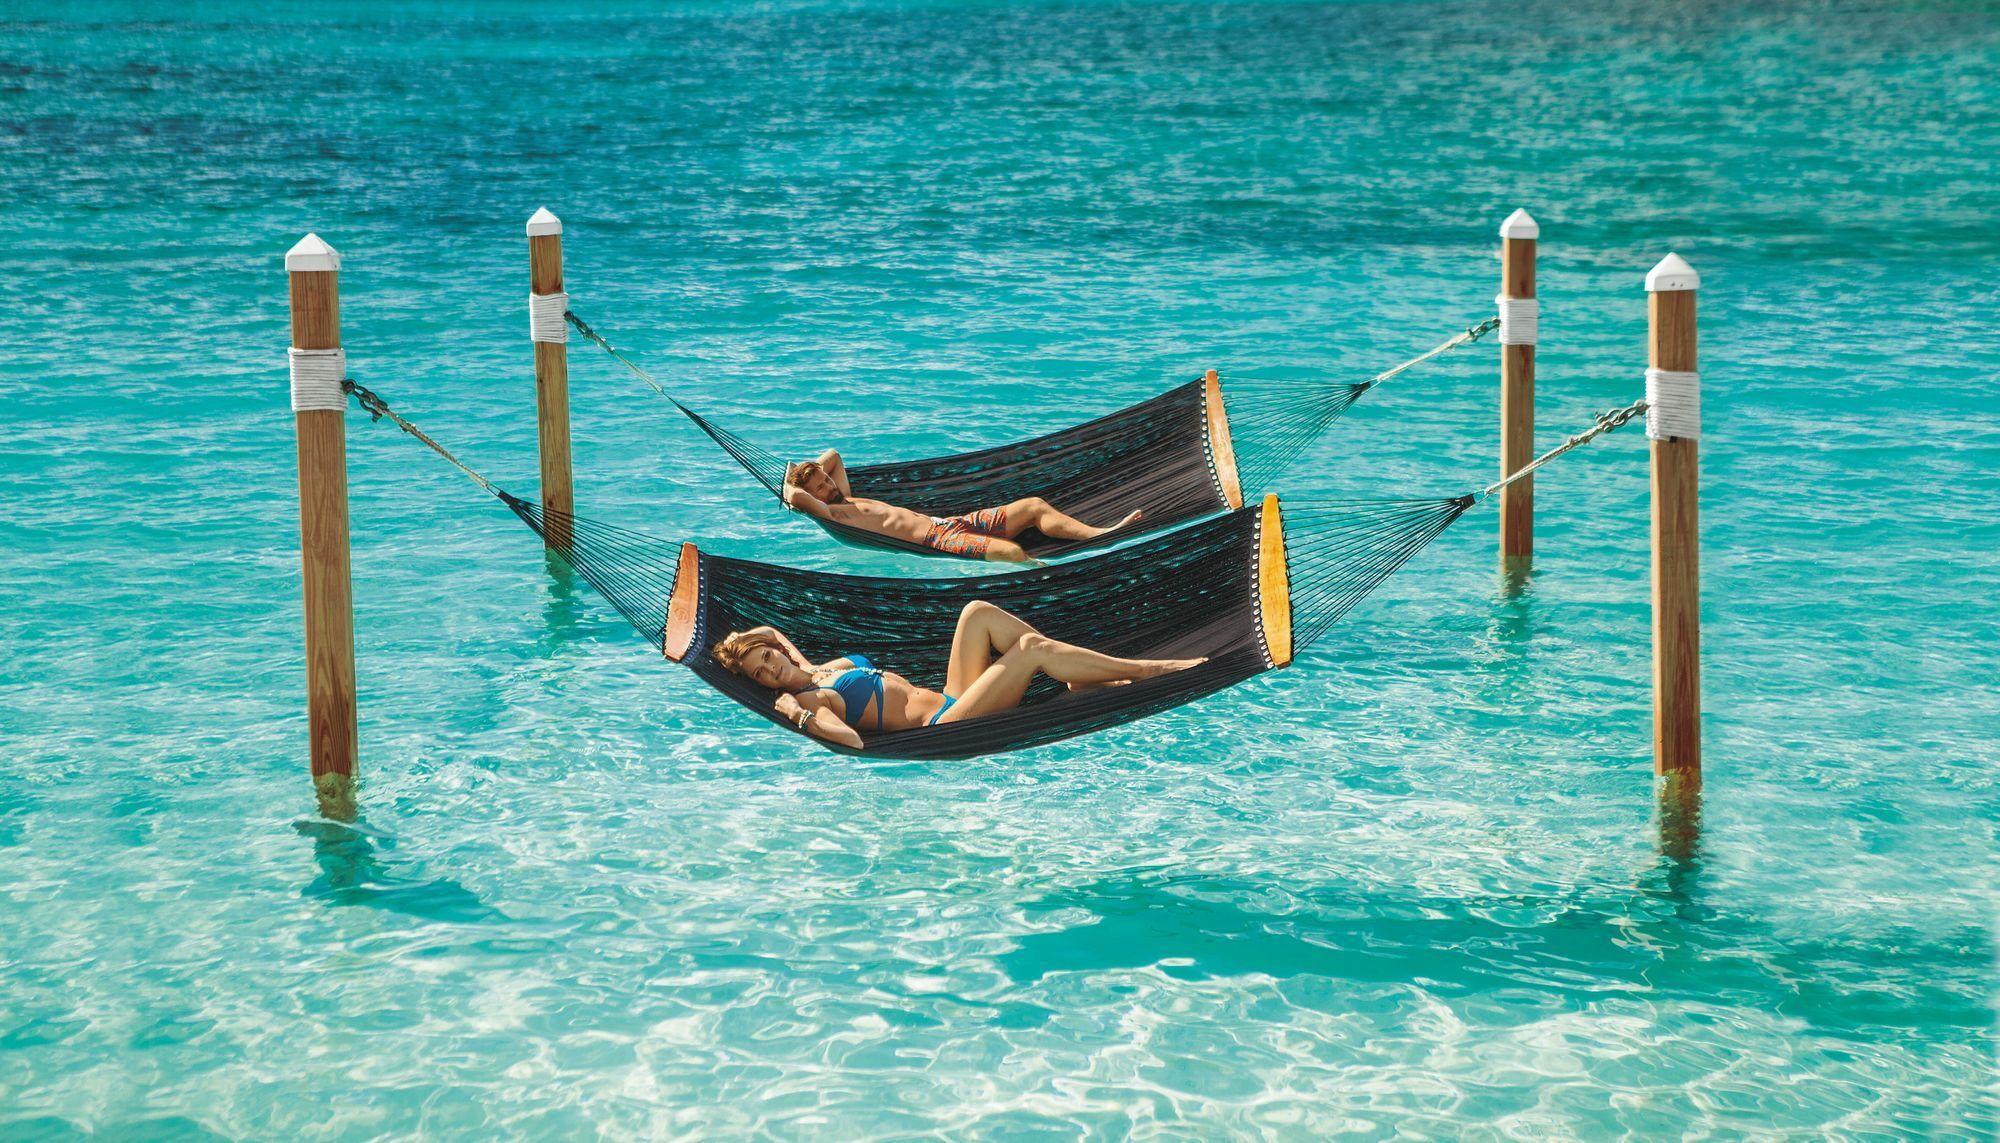 Paar liegt in Hängematten die über das Wasser gespannt sind. Frau sieht in die Kamera.